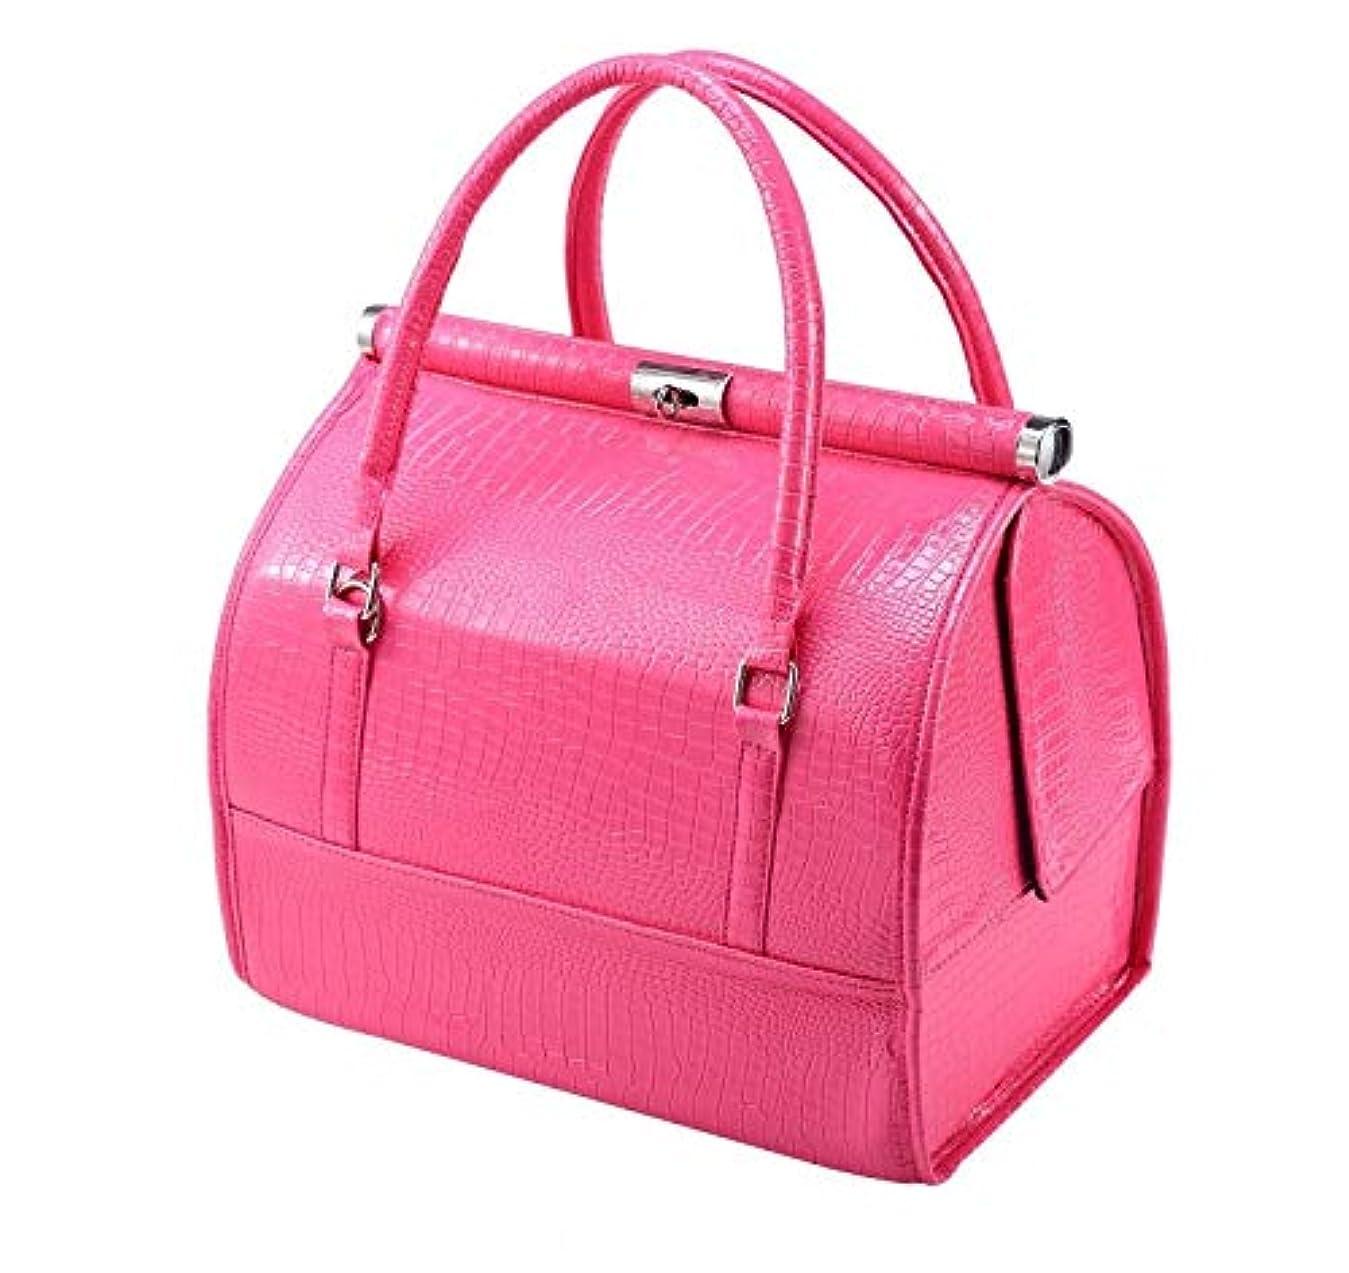 プラスチックドラマ評決化粧箱、大容量の対角および携帯用化粧品の箱、携帯用旅行化粧品袋、美の釘の宝石類の収納箱 (Color : ピンク)